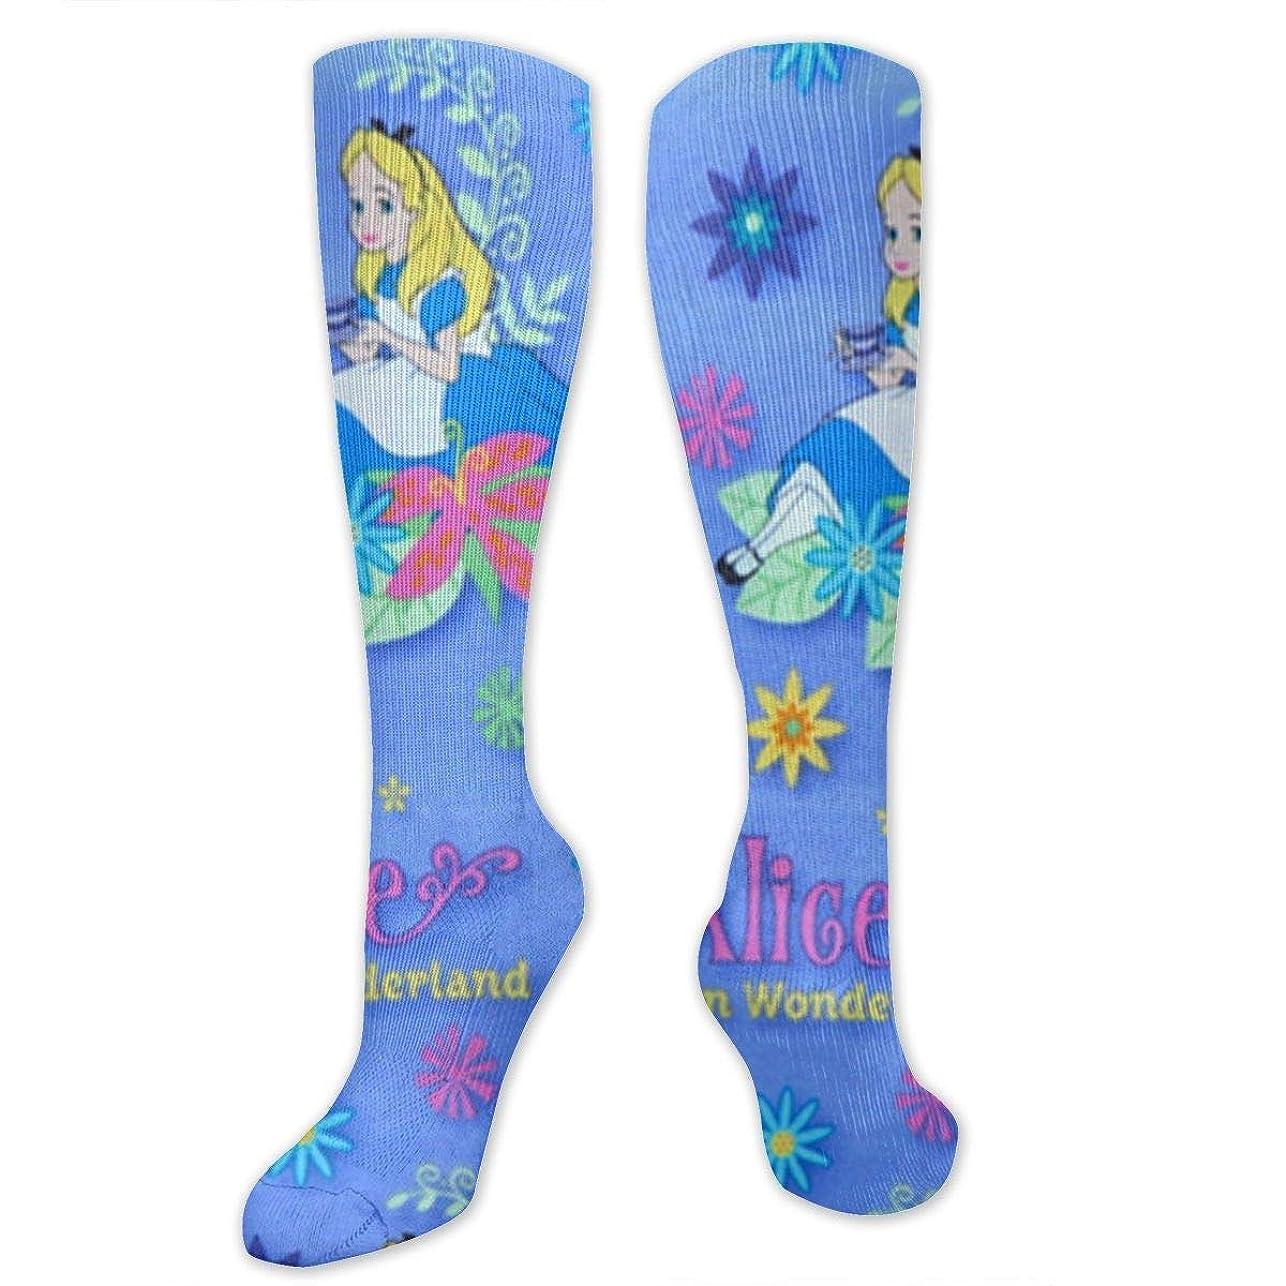 反発本当にダニ靴下,ストッキング,野生のジョーカー,実際,秋の本質,冬必須,サマーウェア&RBXAA Women's Winter Cotton Long Tube Socks Knee High Graduated Compression Socks Alice in Wonderland Socks